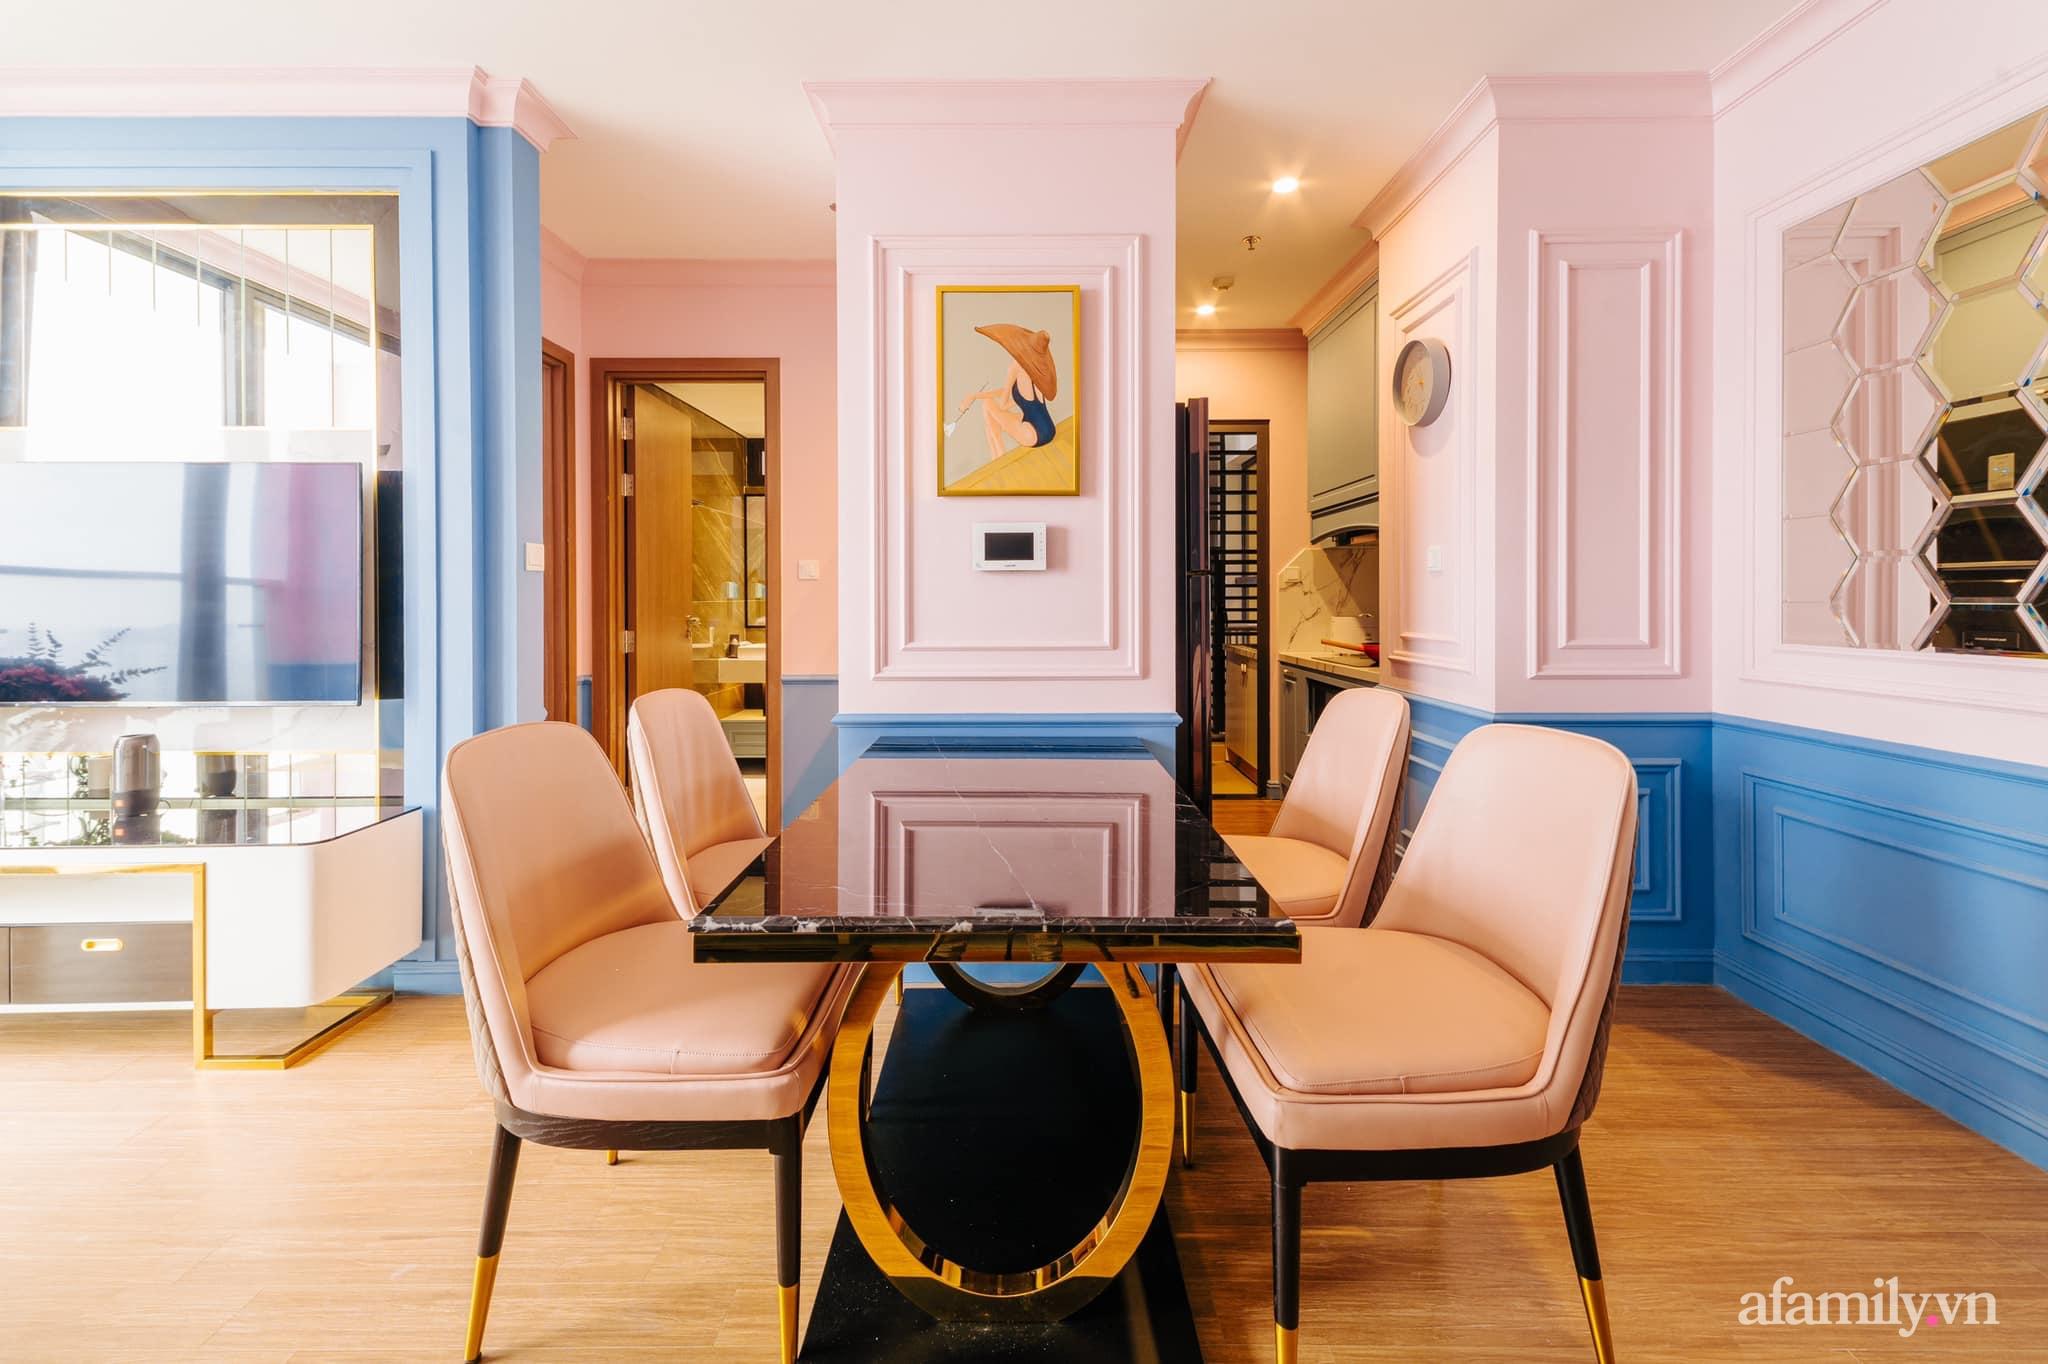 Căn hộ 45m² đẹp không góc chết với điểm nhấn màu xanh hồng cực chất có chi phí hoàn thiện 200 triệu đồng ở Hà Nội - Ảnh 11.